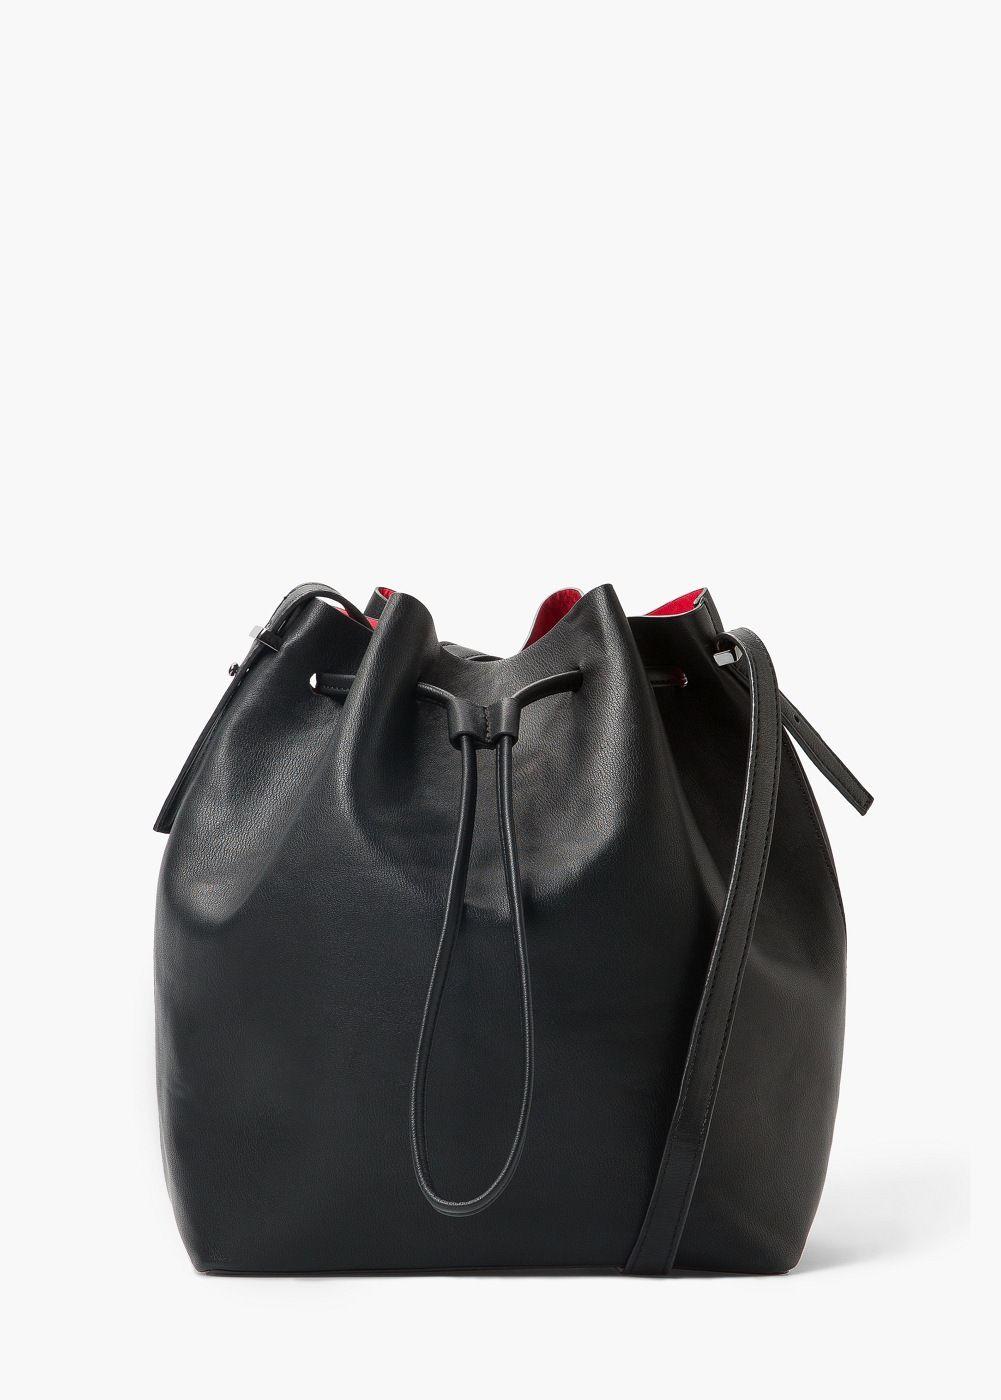 Mango Handtasche - black LCZ5kl